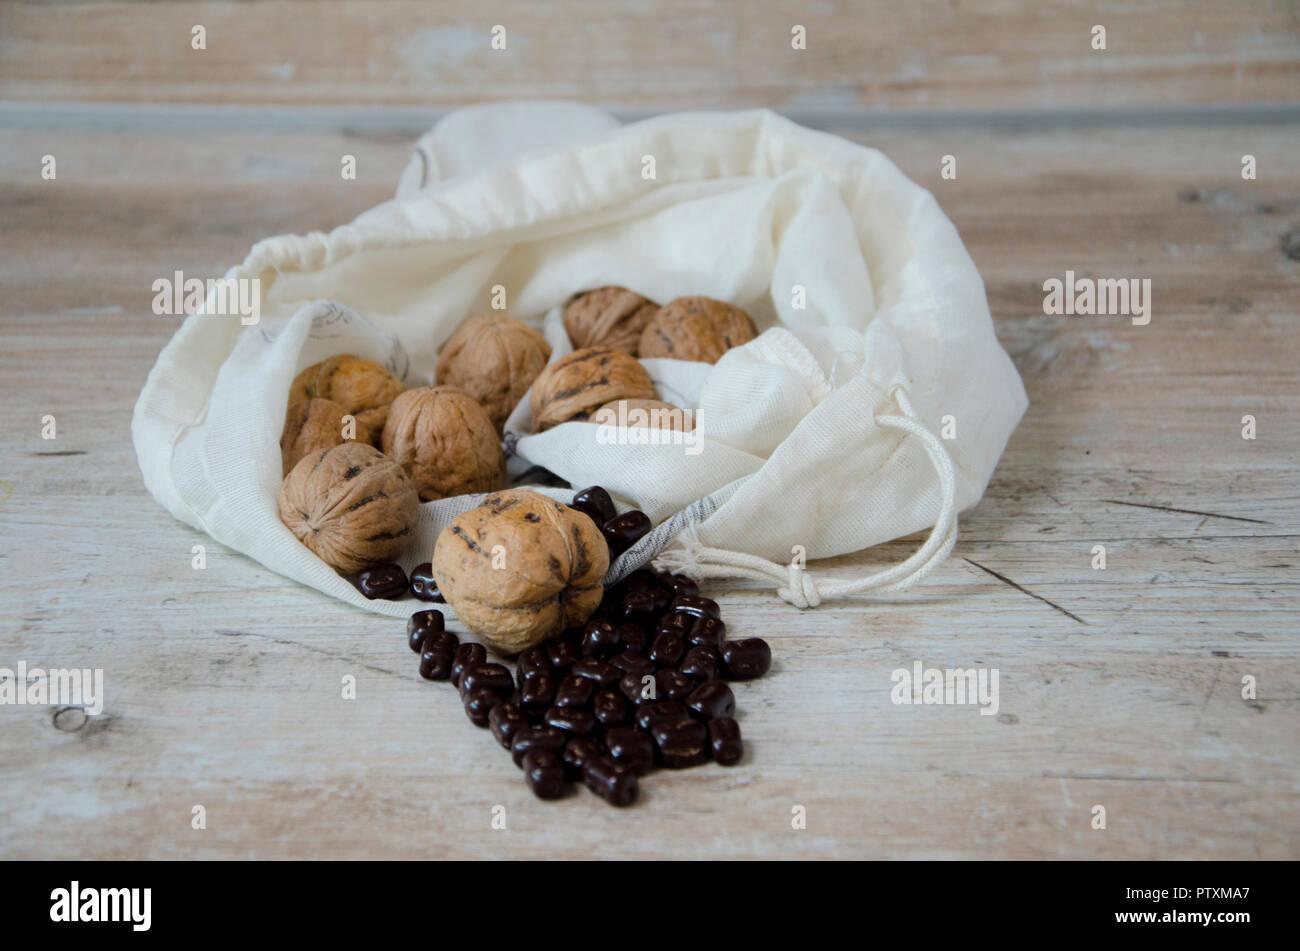 Le noci in un sacchetto con chicchi di cioccolato su un di legno tavolo da cucina Immagini Stock